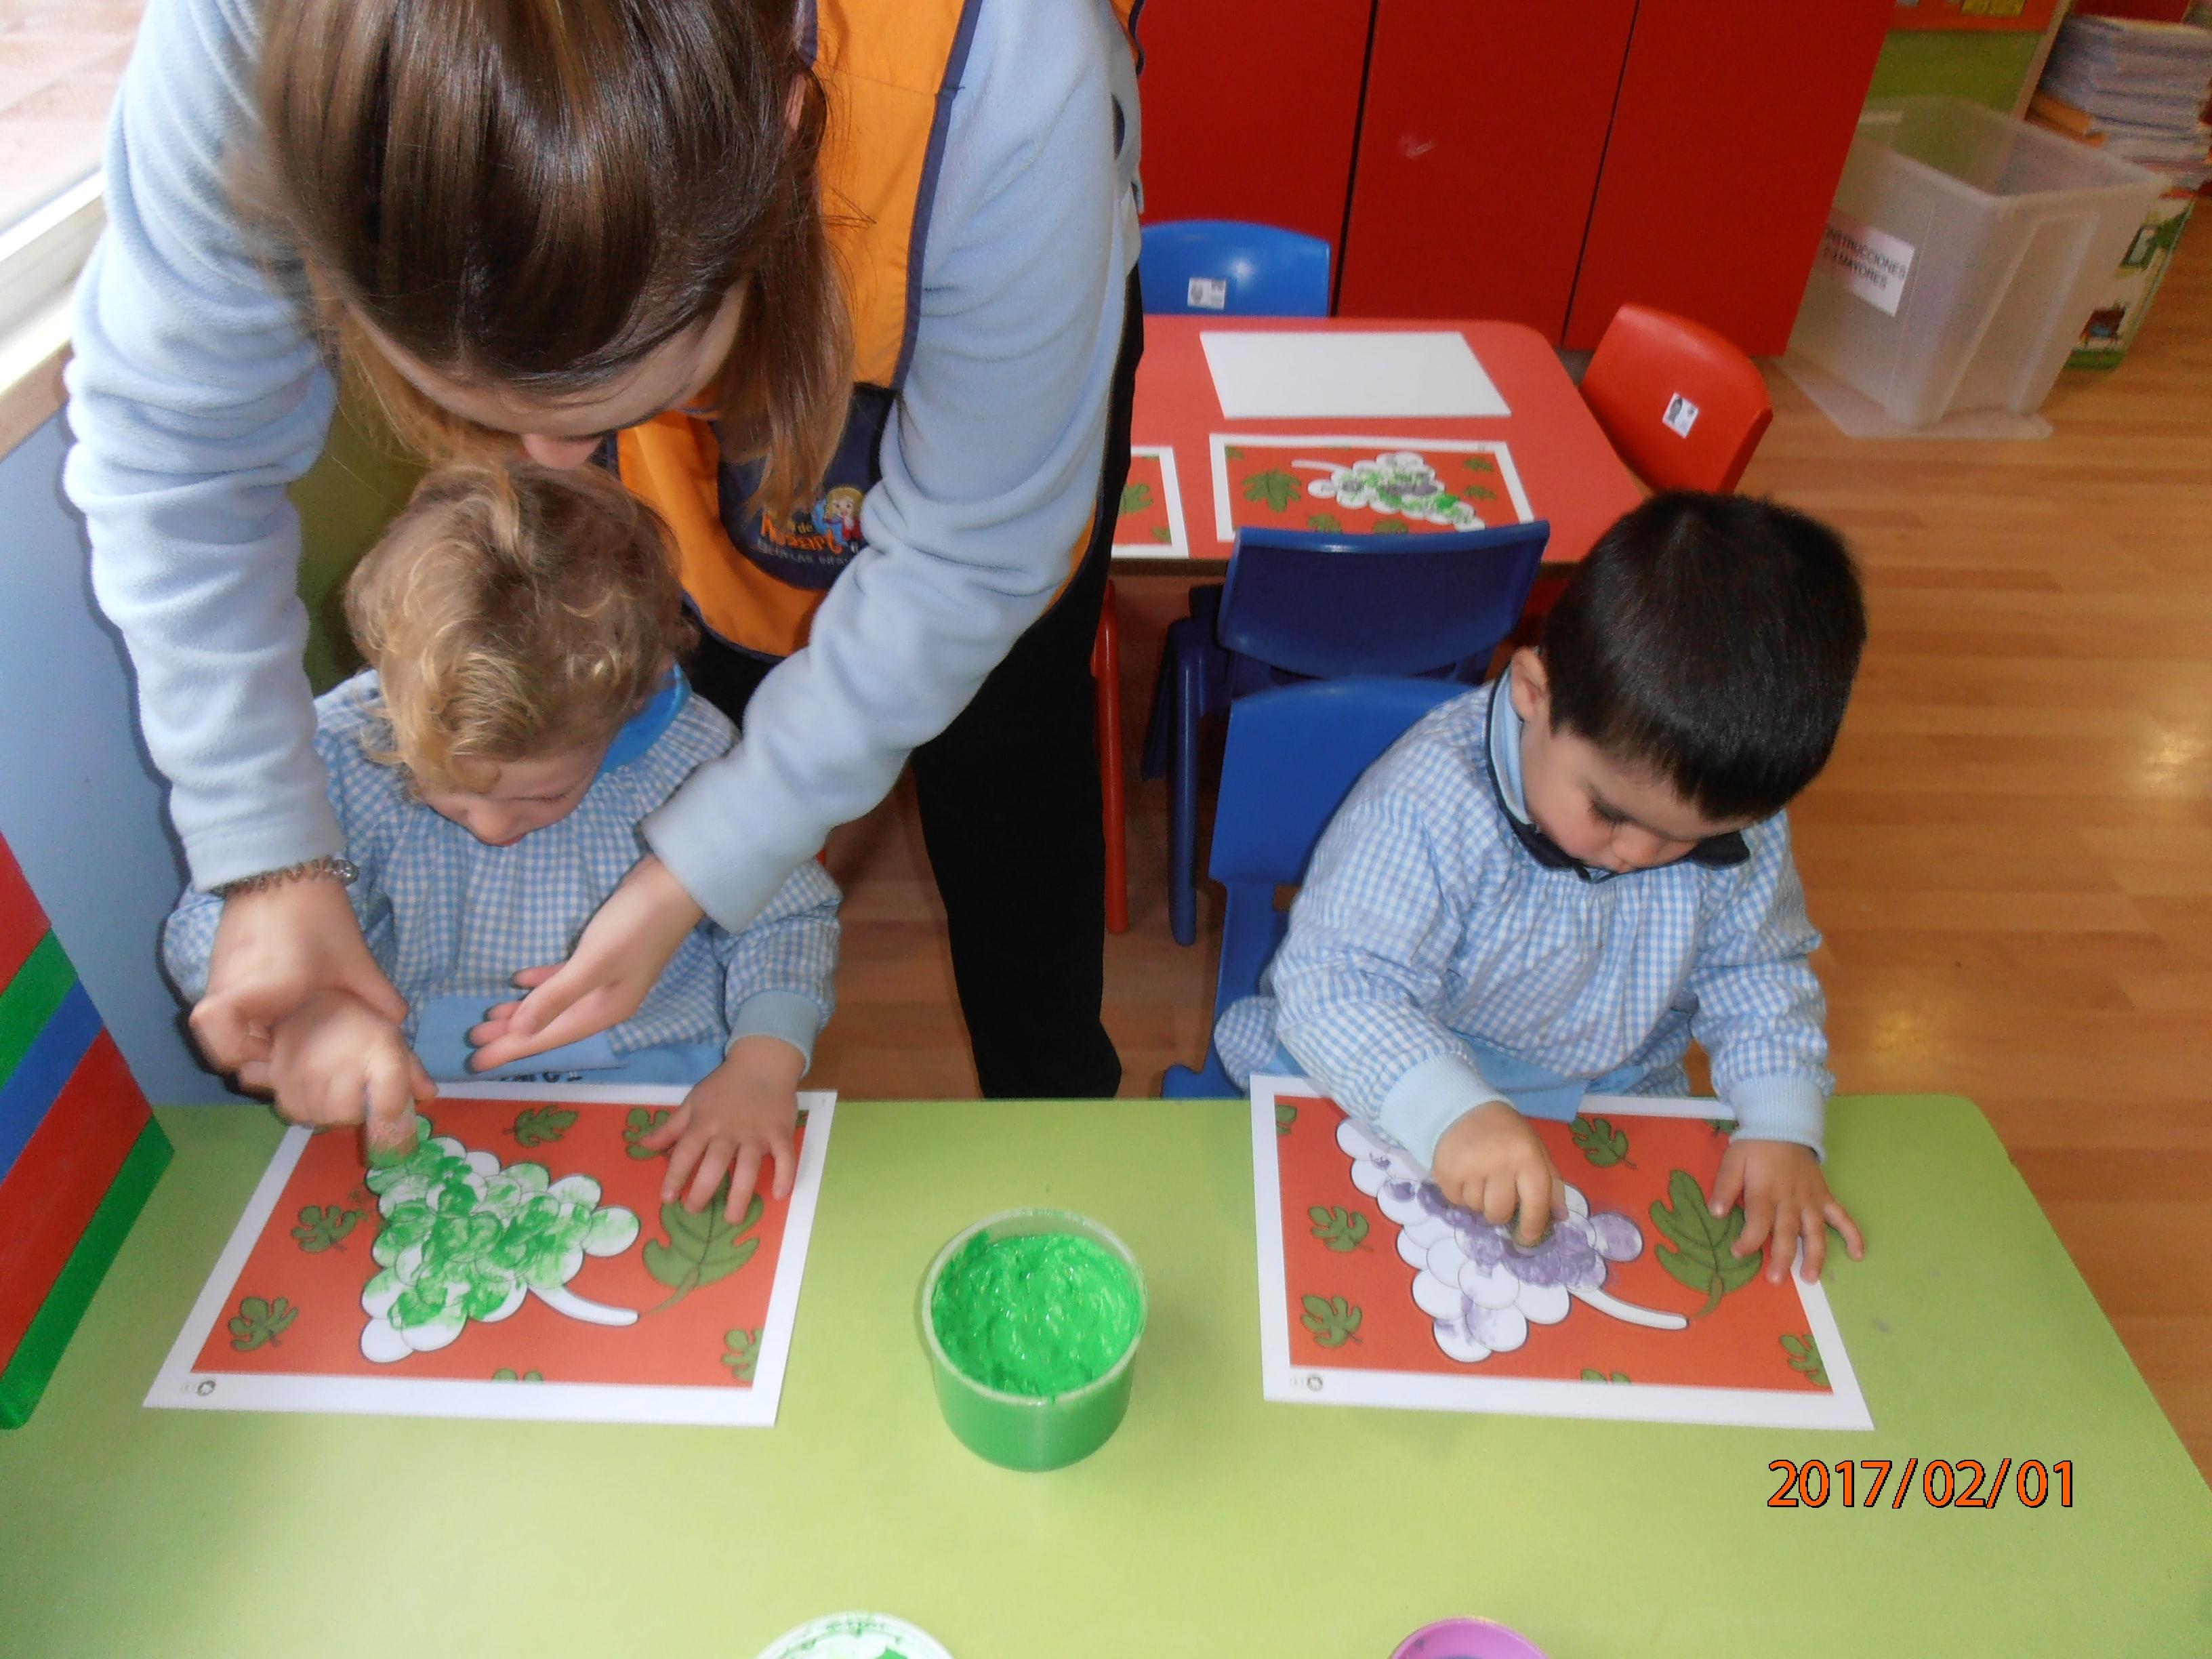 Cómo Desarrollar La Creatividad En Los Niños El Mundo De Mozart